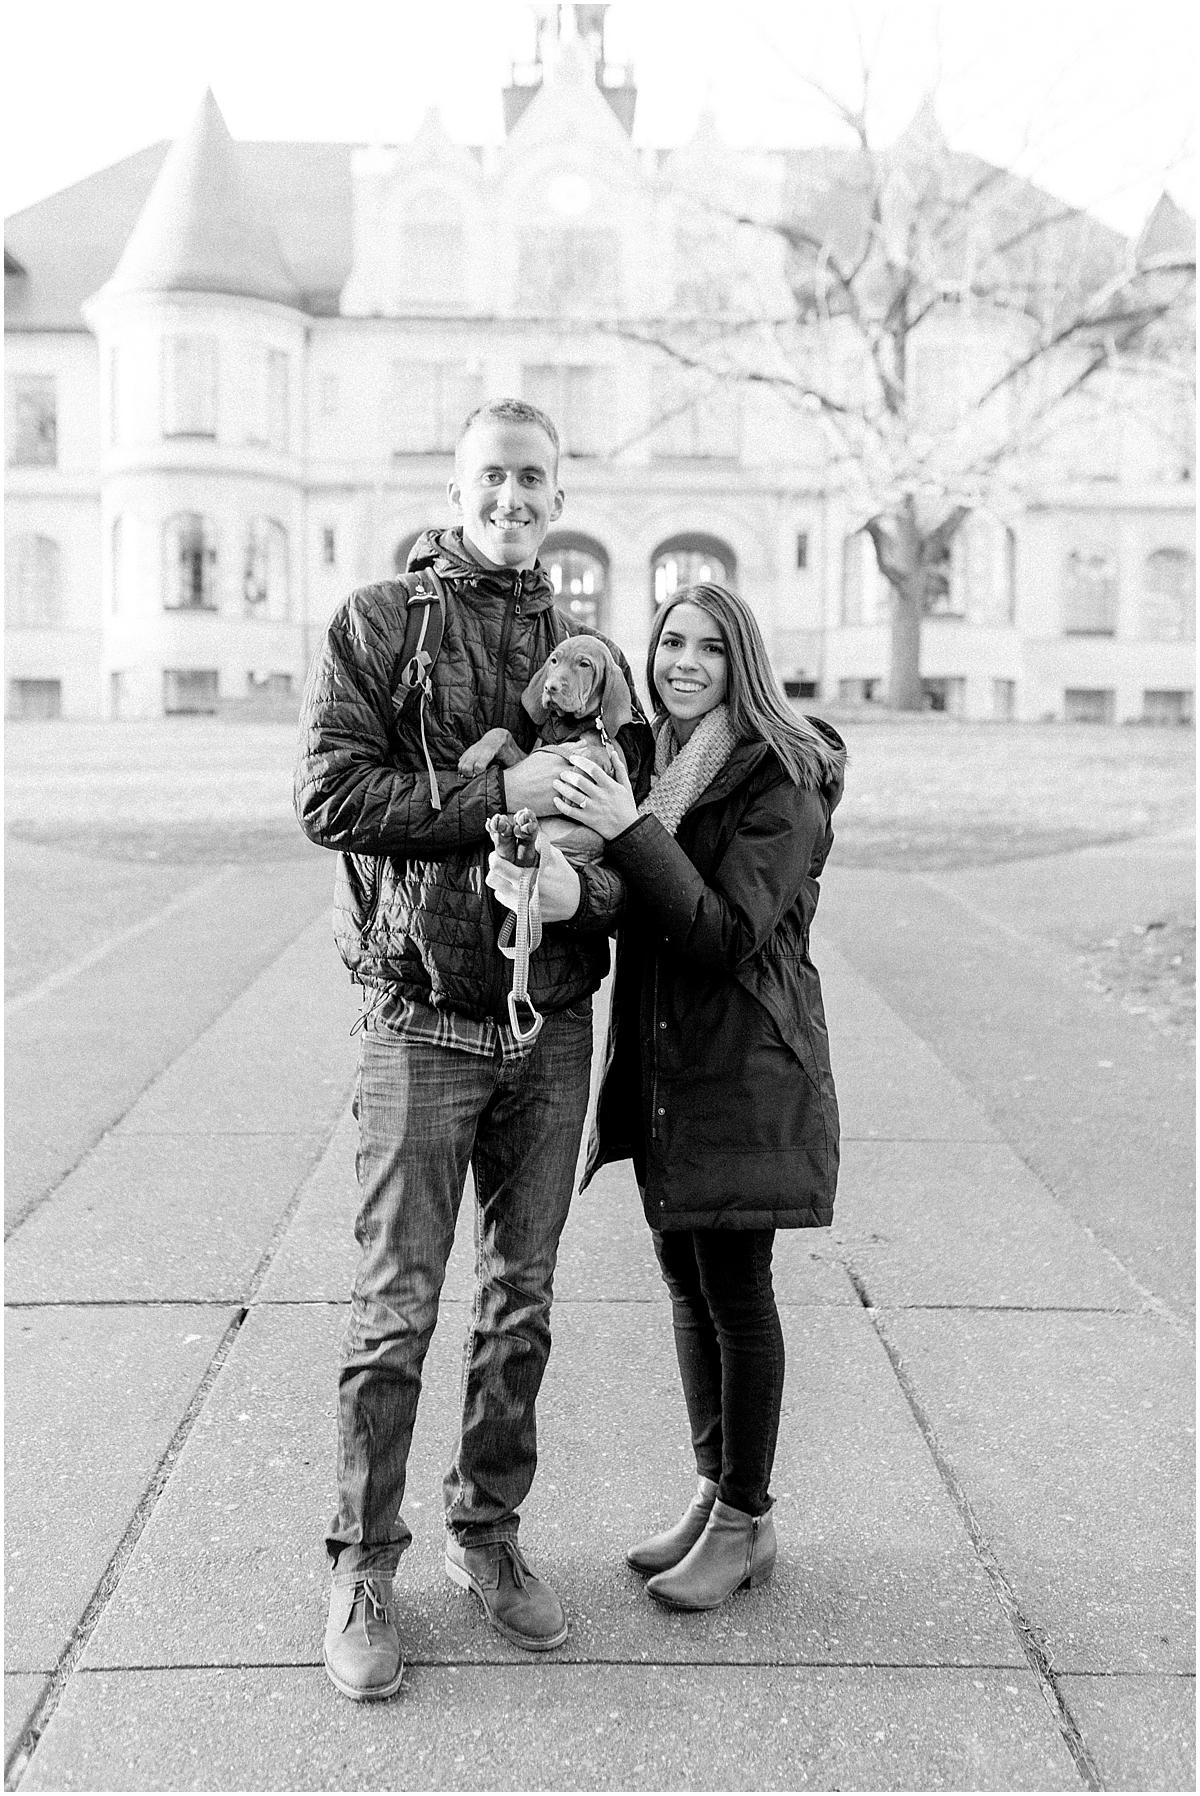 University of Washington Engagement Session | College Campus Photo Session | UW | Seattle Engagement Session | Seattle Wedding Photographer | Emma Rose Company62.jpg